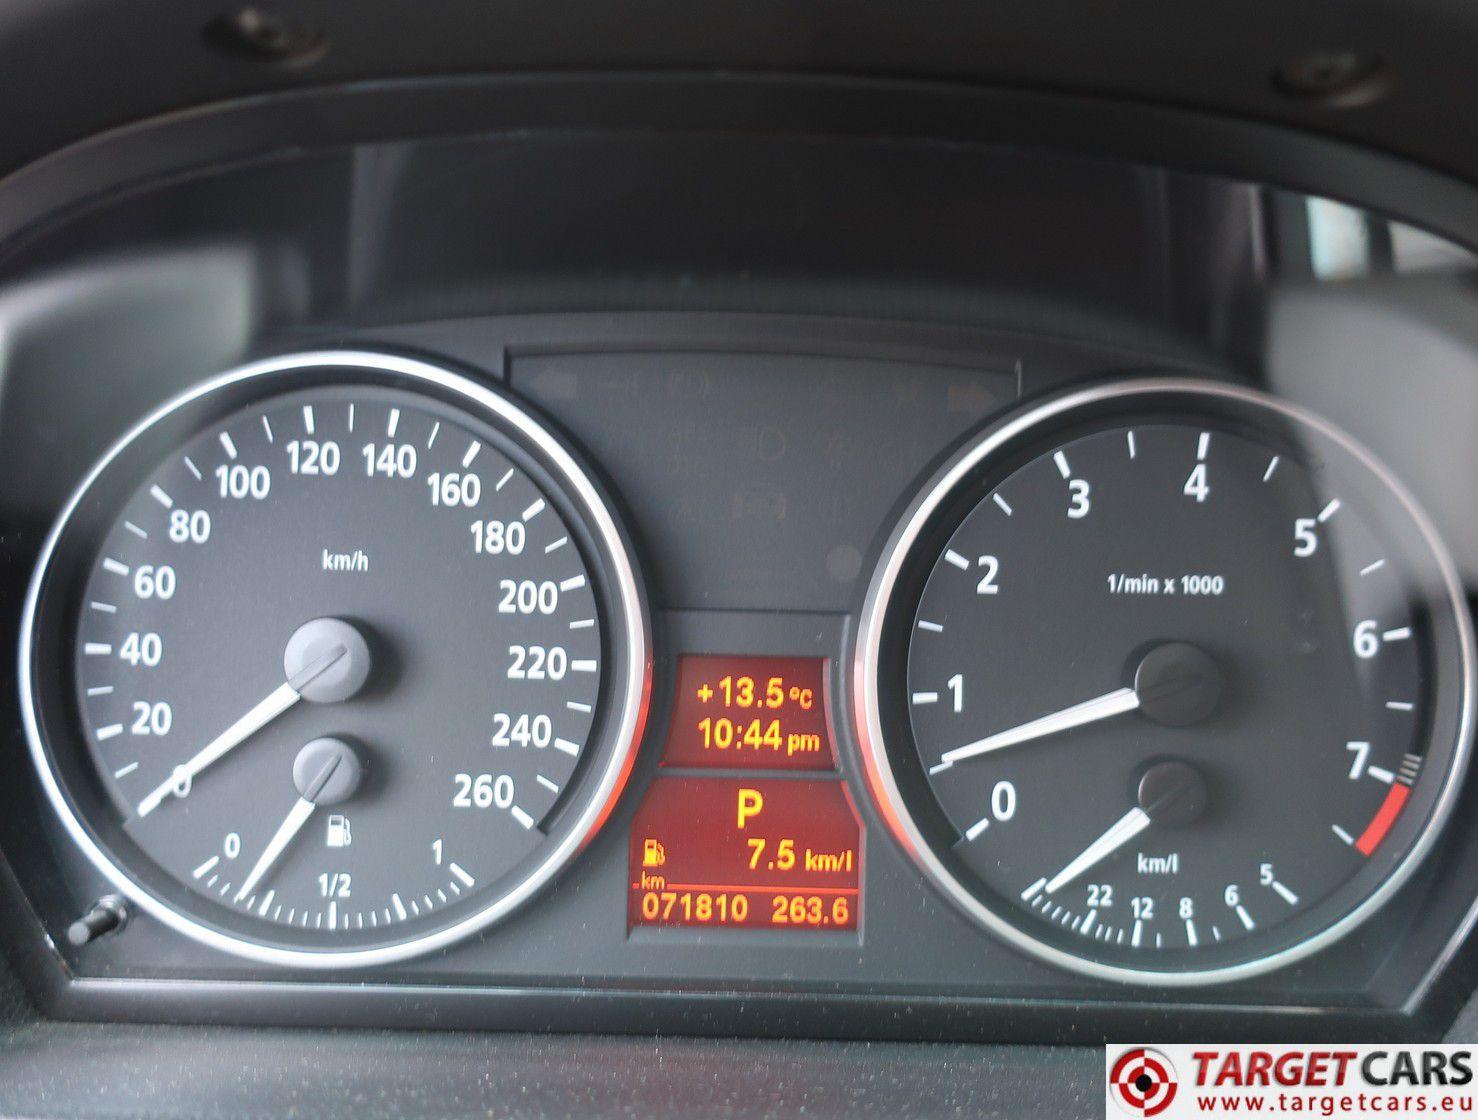 BMW 330I E90 SEDAN M-SPORT 3 0L 258HP 12-05 BLACK 71810KM LHD